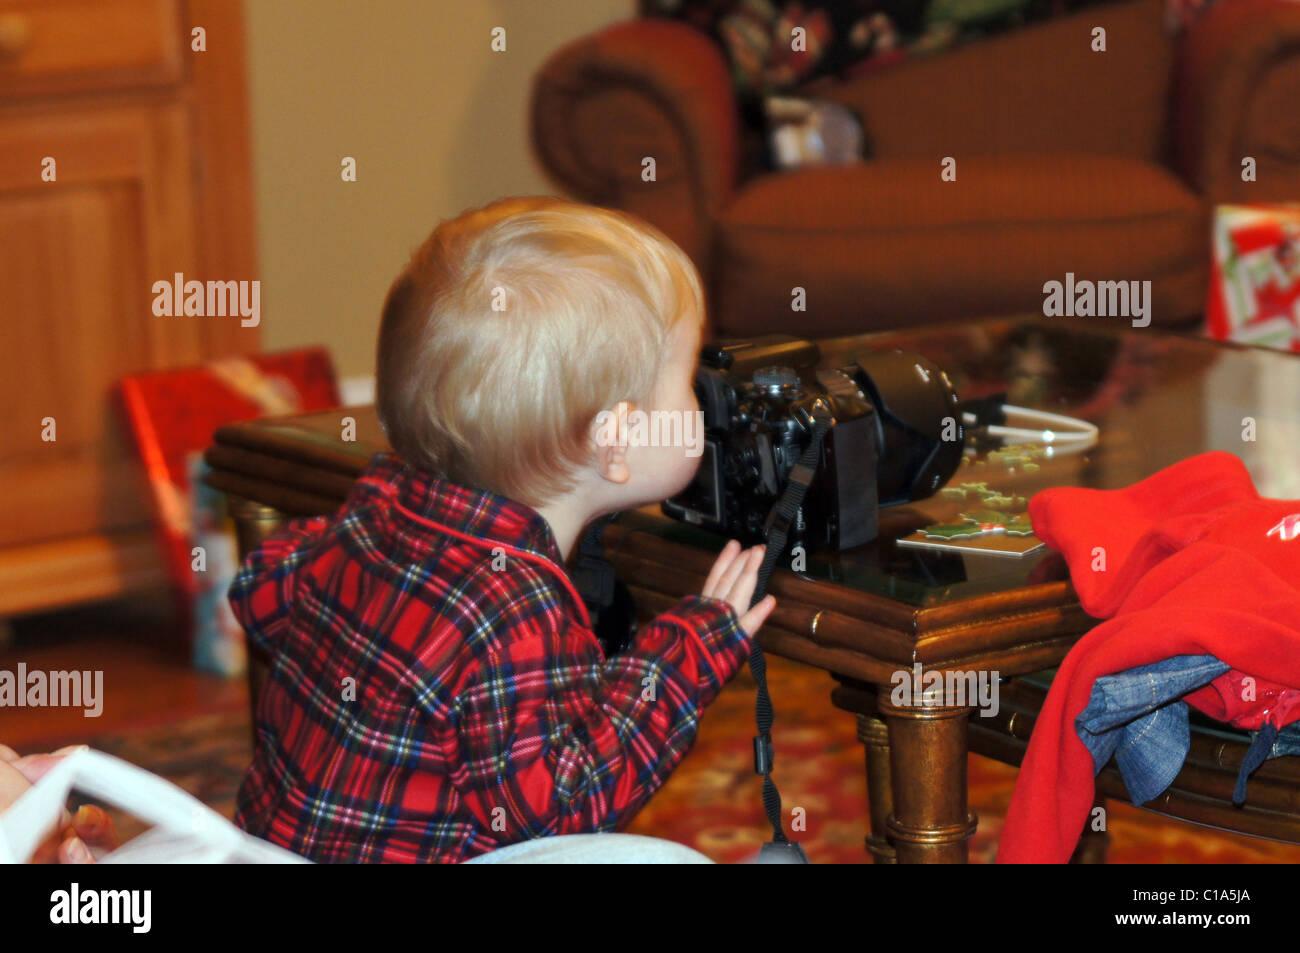 Ragazzo che guarda attraverso il mirino della fotocamera a Natale. Immagini Stock